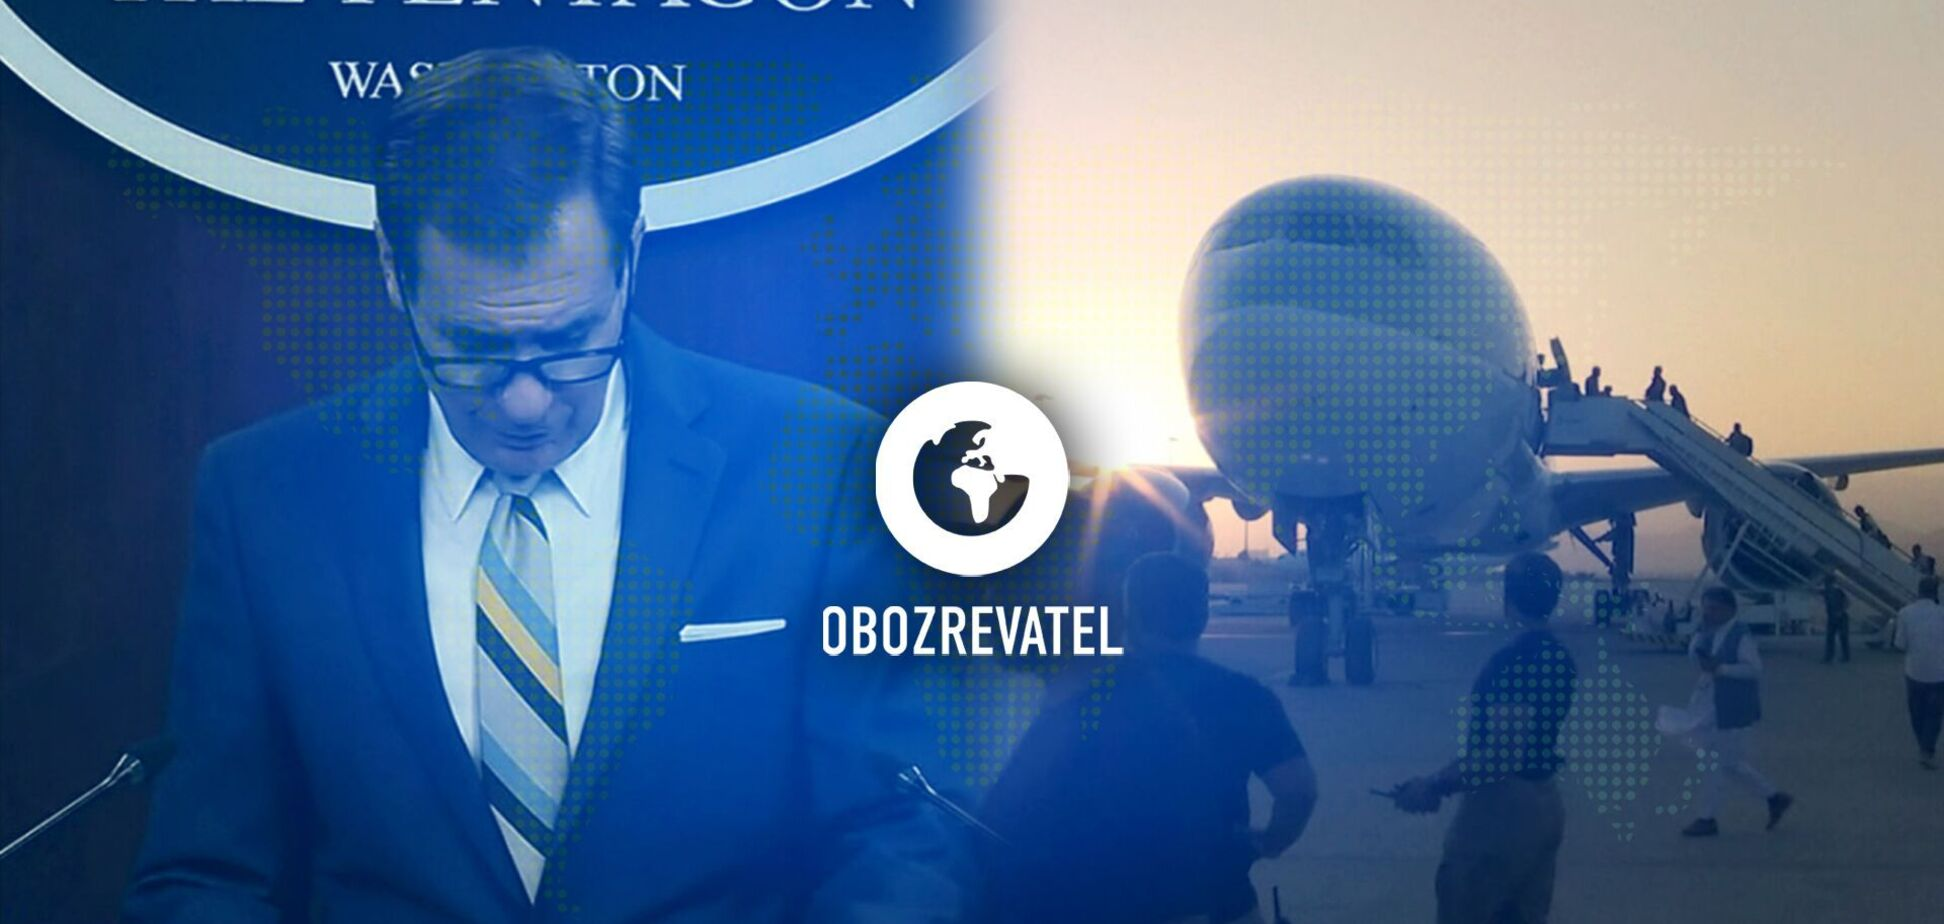 Американские военные убили одного из лидеров 'Аль-Каиды', а кабульский аэропорт начал принимать международные рейсы – дайджест международных событий